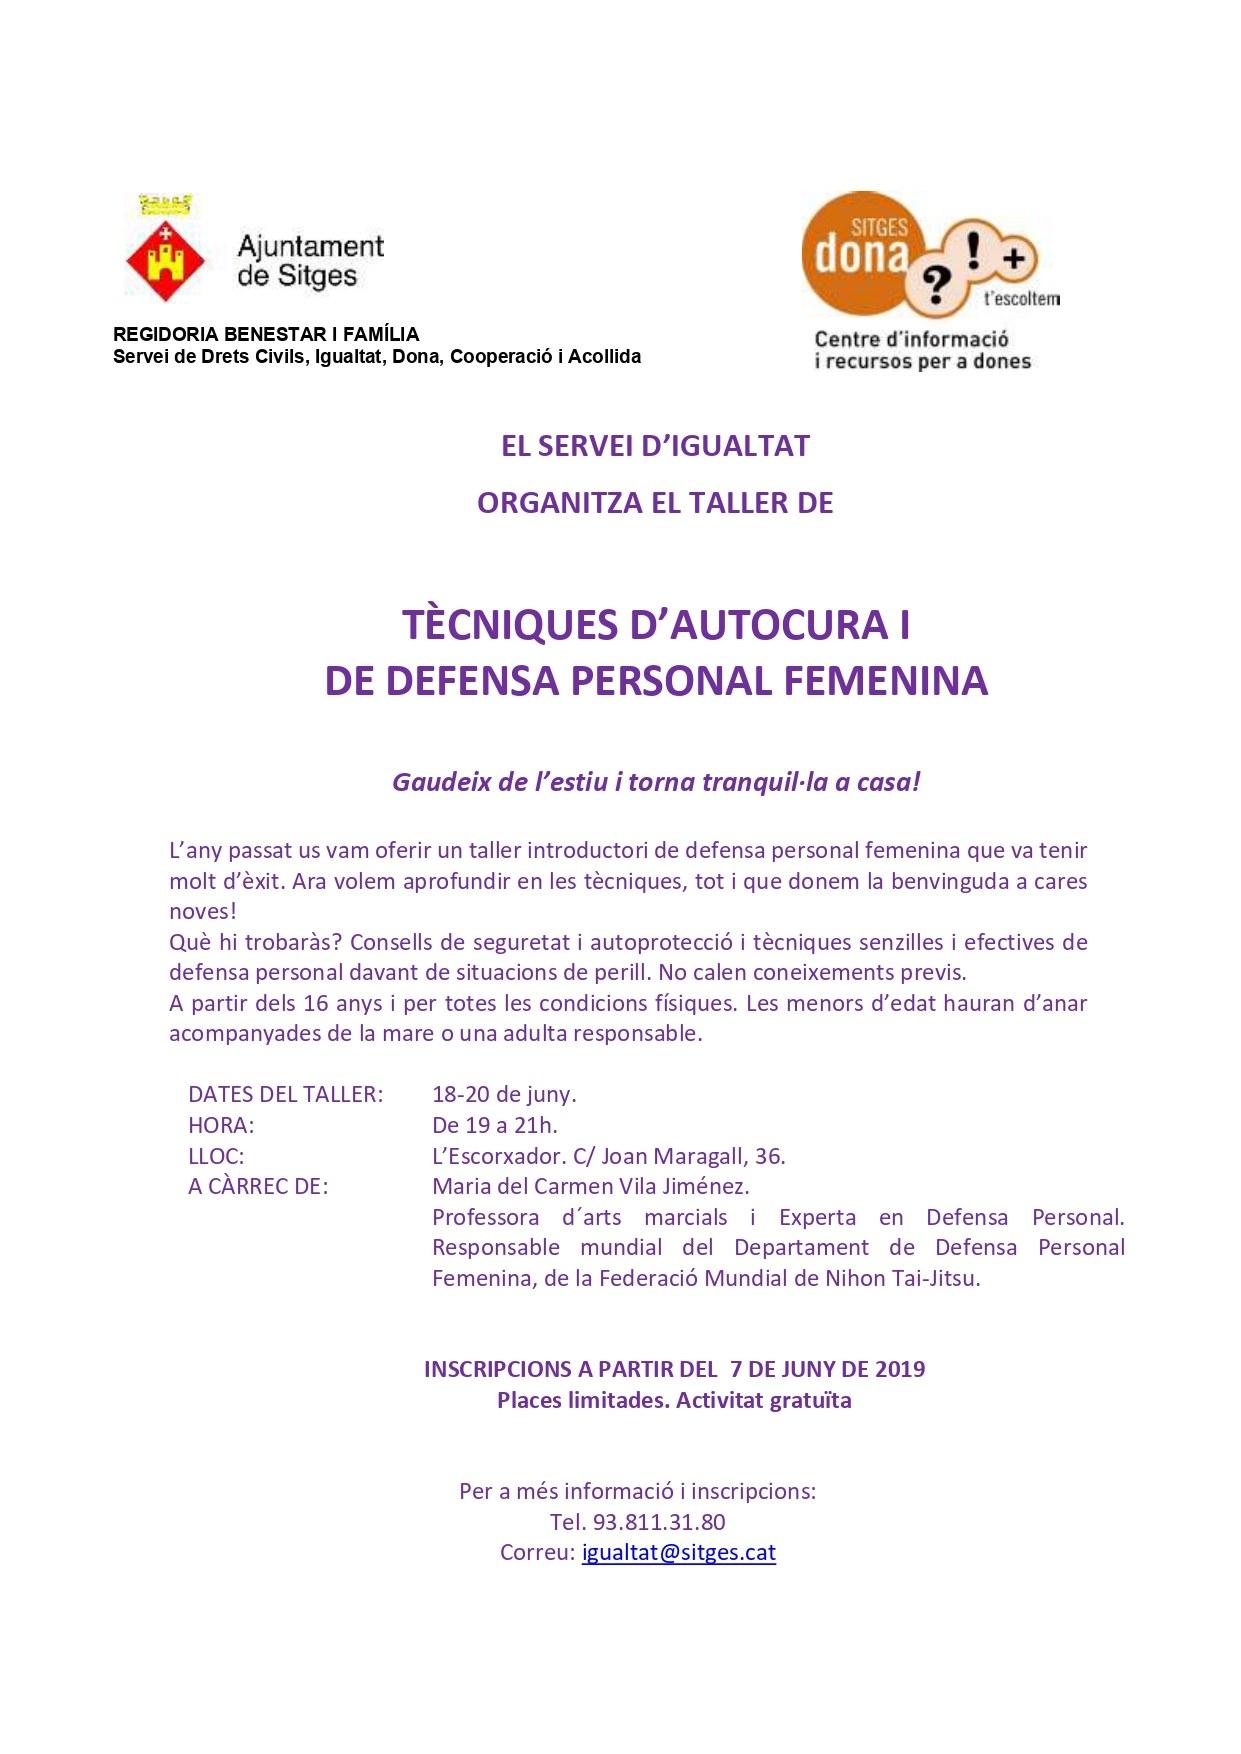 Taller de tècniques d'Autocura i de Defensa Personal Femenina